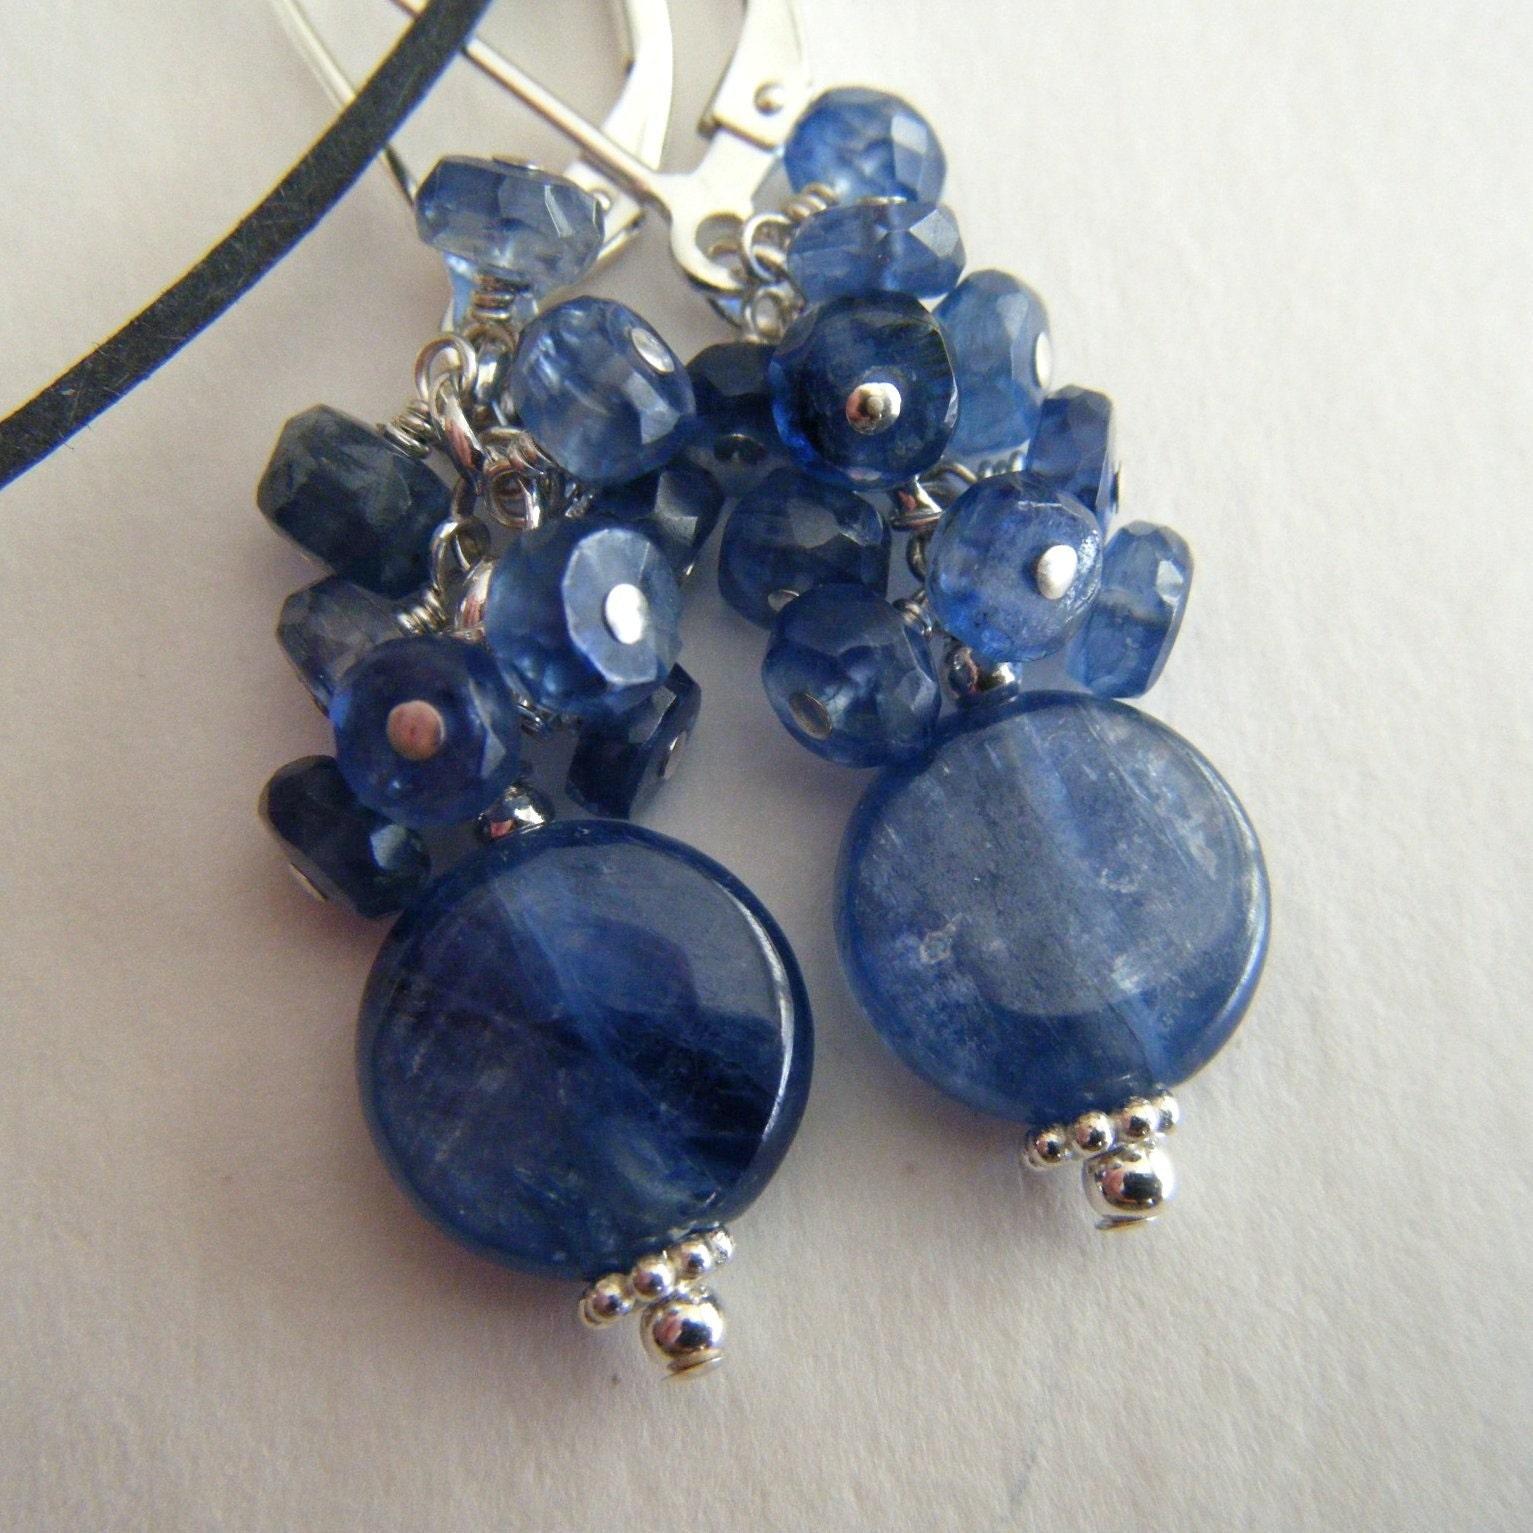 Night Sky Jewelry Earrings